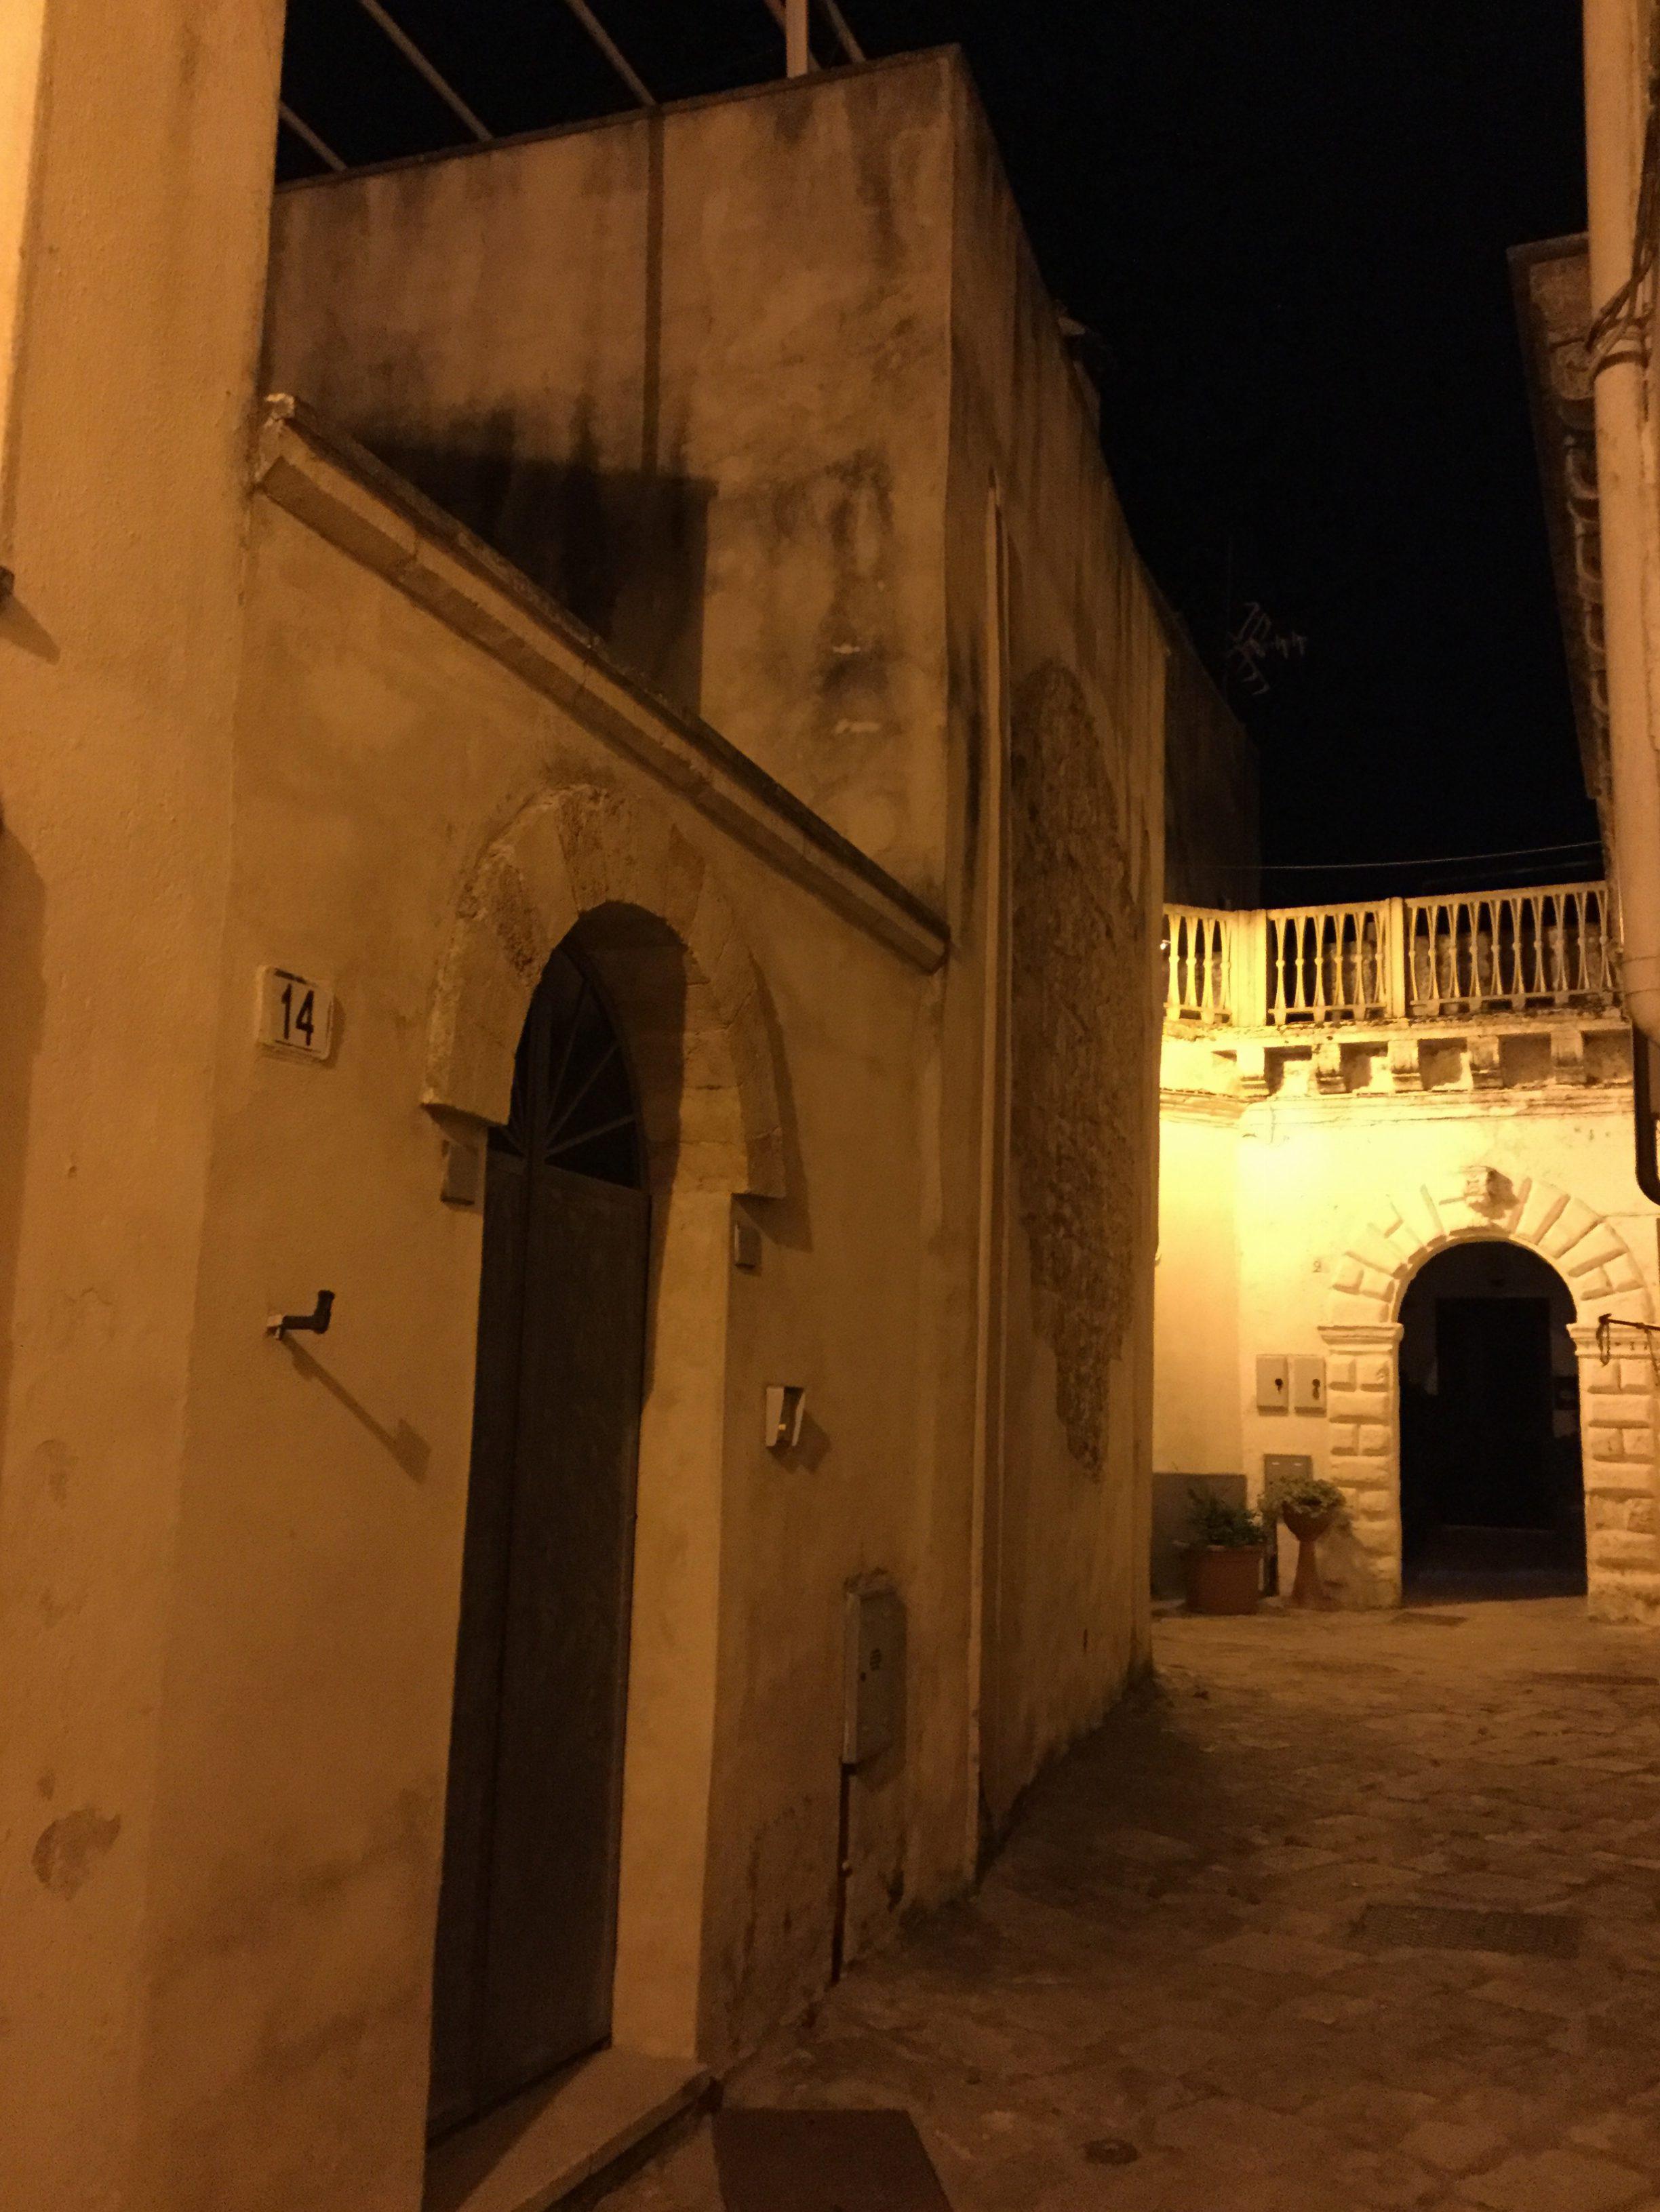 Dimora Via Della Giudecca Alessano - Dimora nel Salento